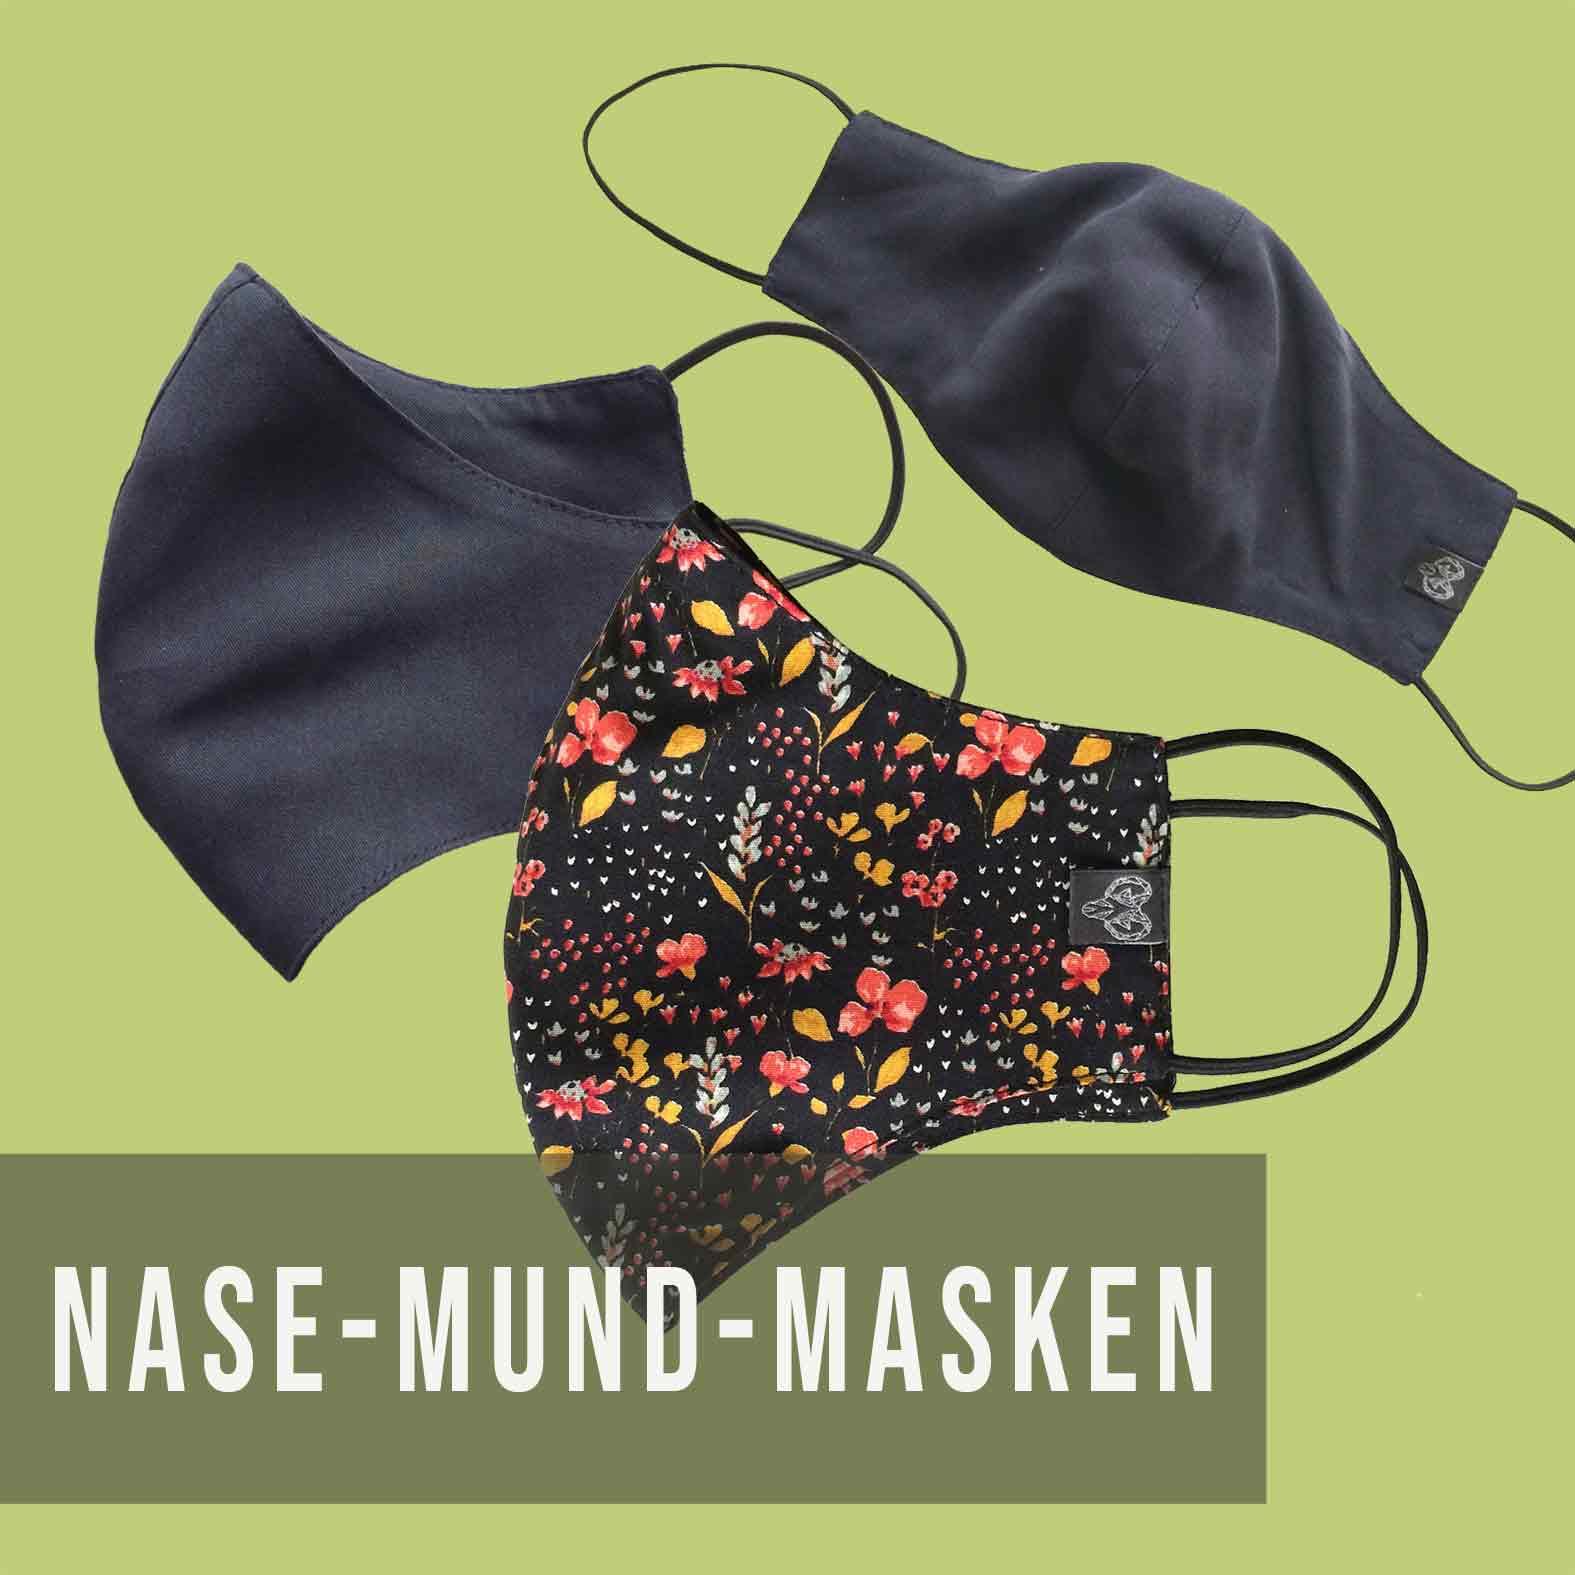 Nase Mund Masken